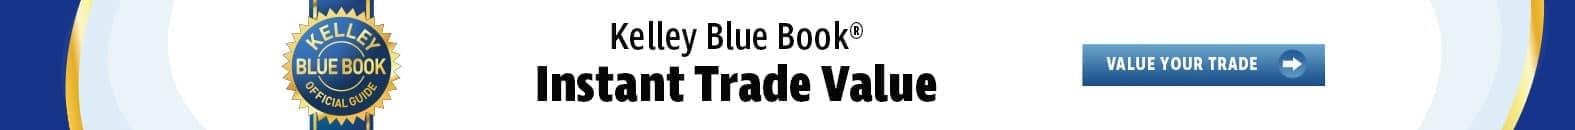 Kelley Blue Book Instant Trade Value - Fiesta Chevrolet in Edinburg, Texas